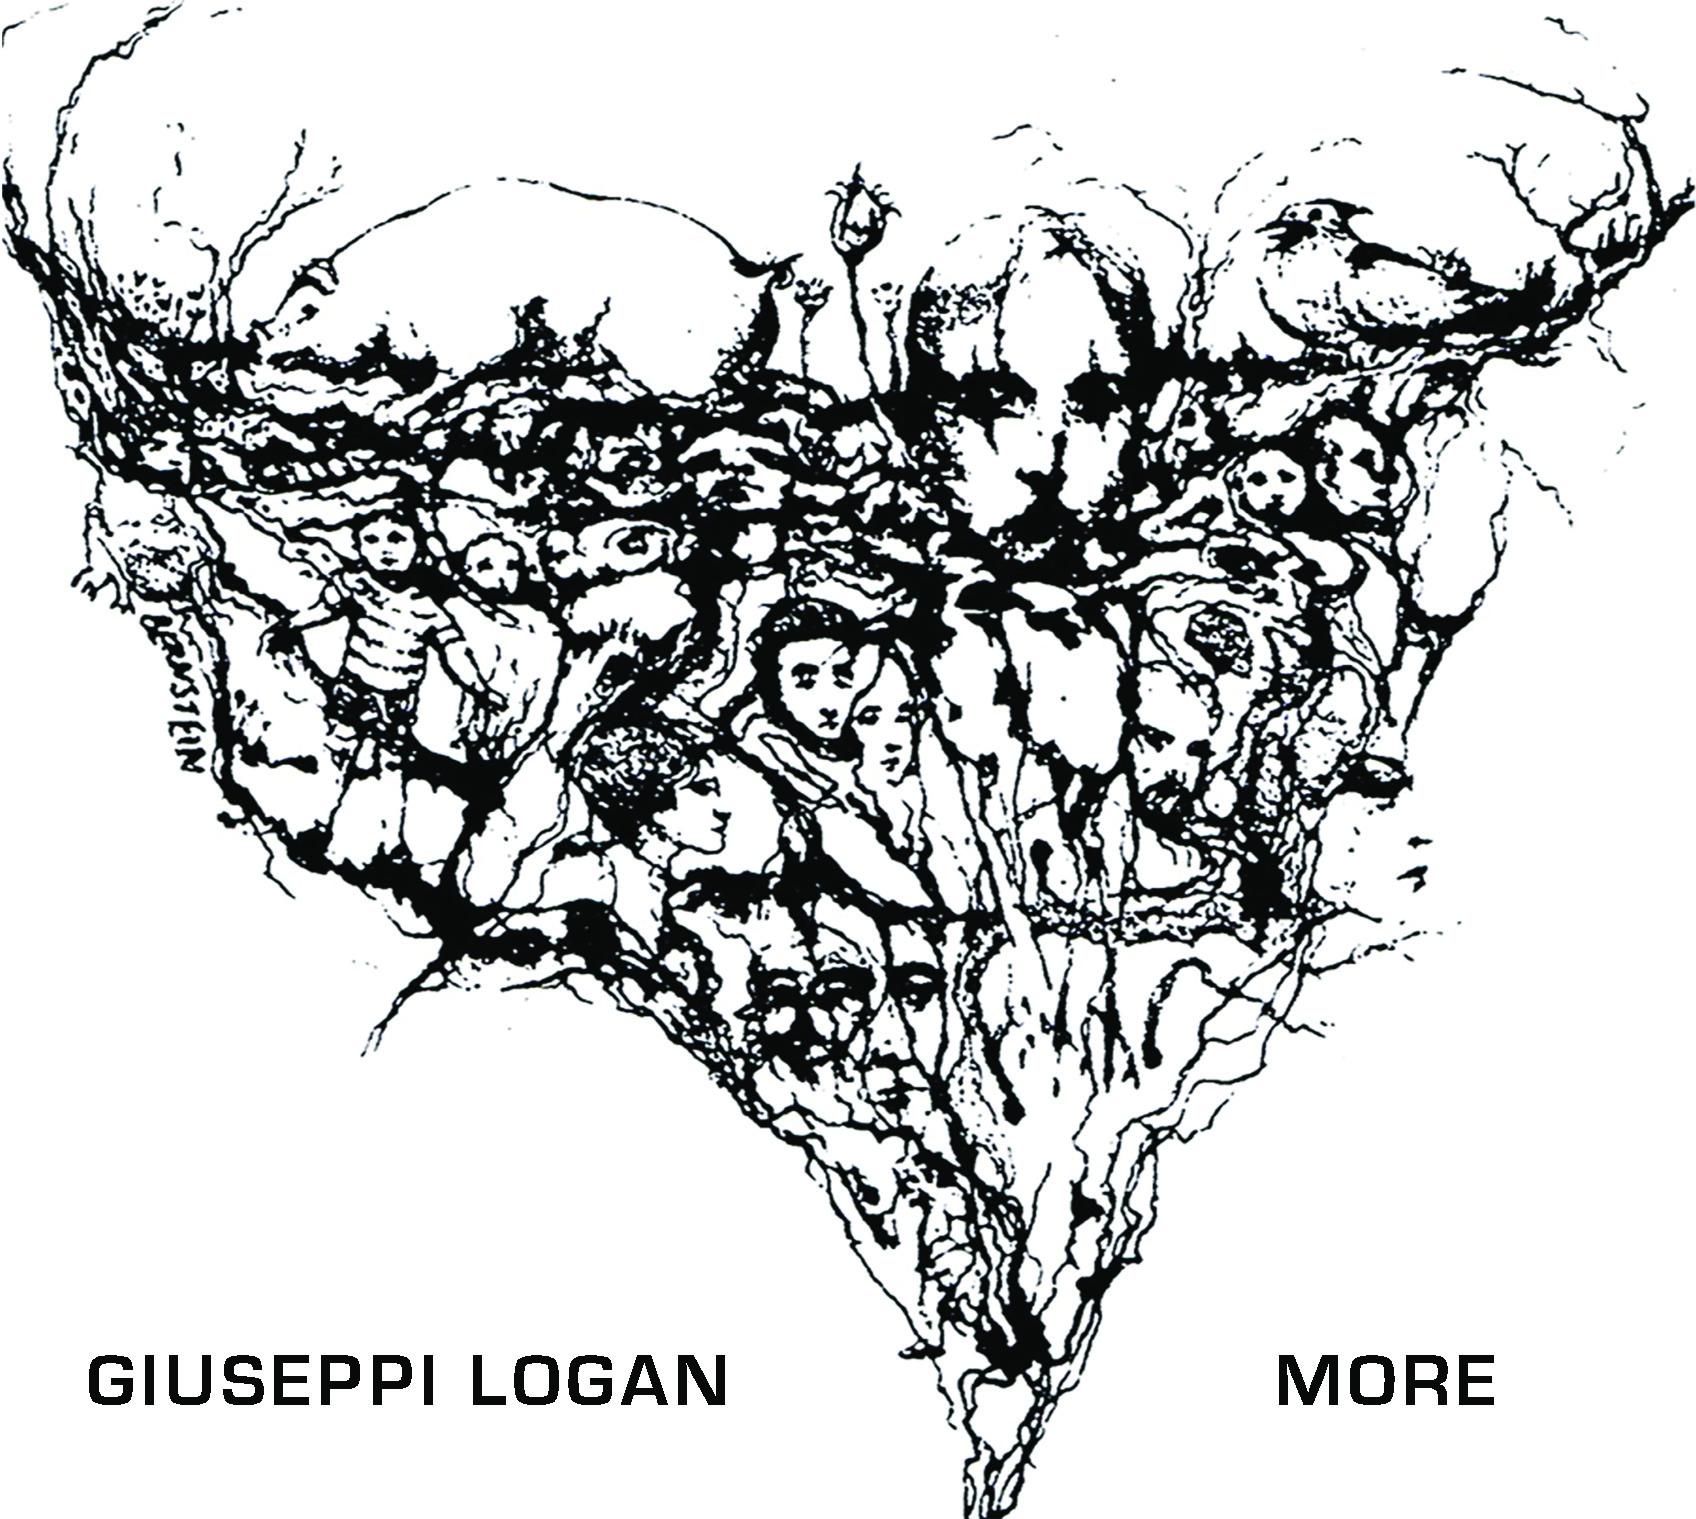 Giuseppi_Cover-page-0.jpg